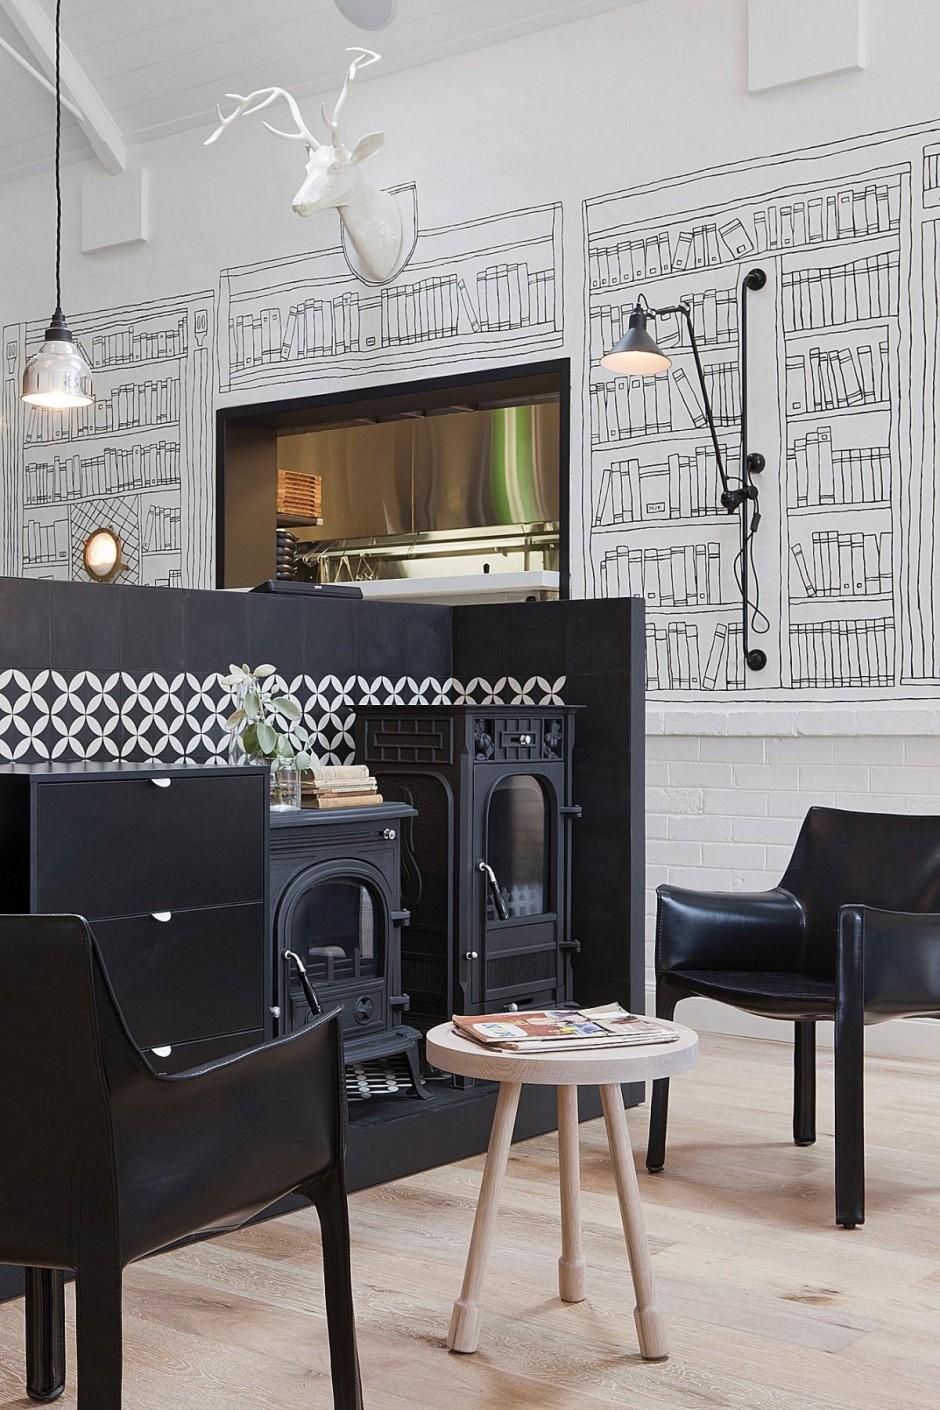 Décoration en noir, beige et blanc pour ce restaurant